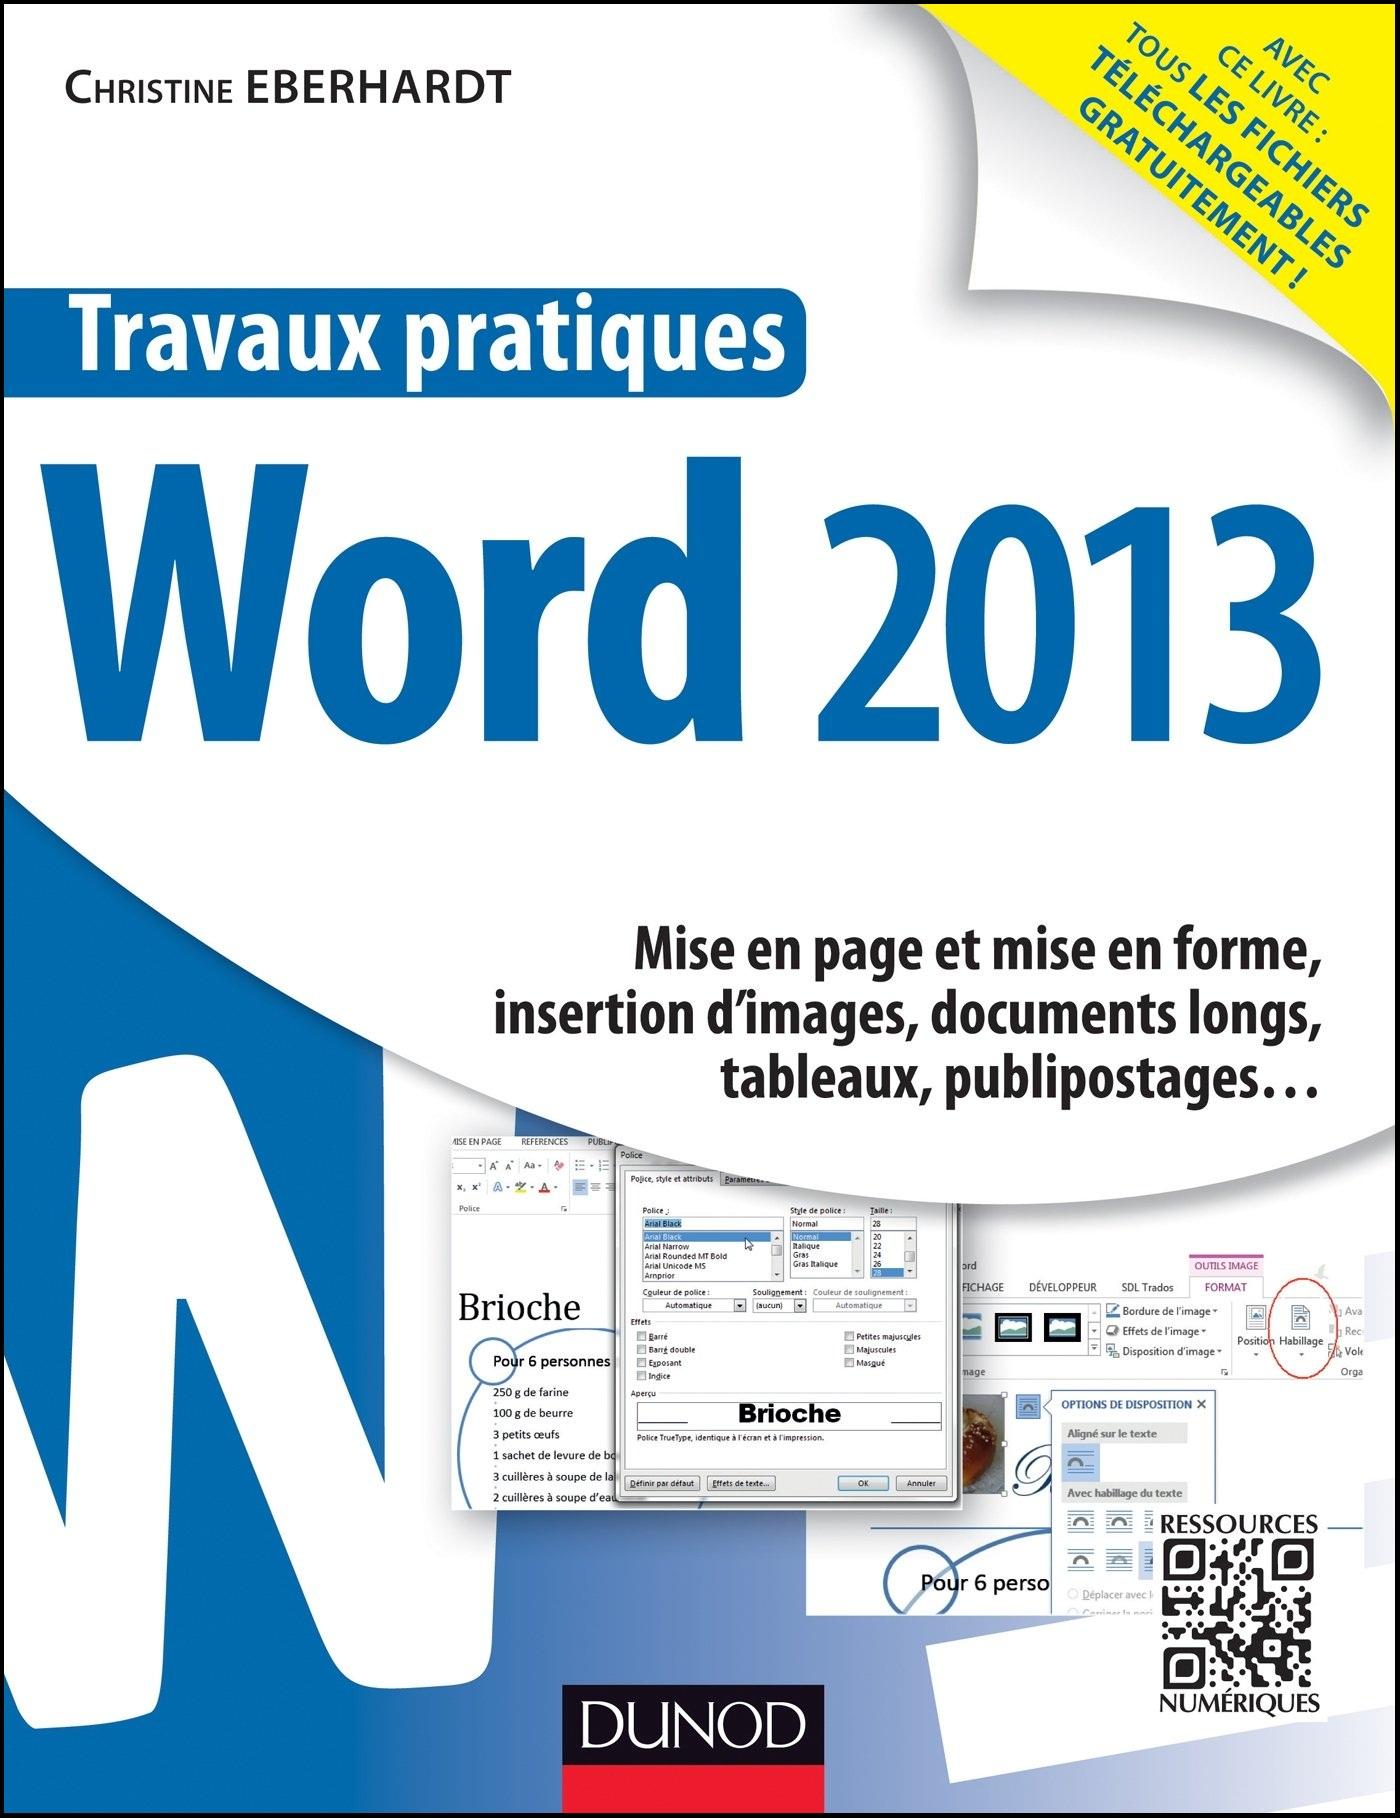 Travaux pratiques - Word 2013 : Mise en page et mise en forme, insertion d'images, documents longs, tableaux, publipostages ?